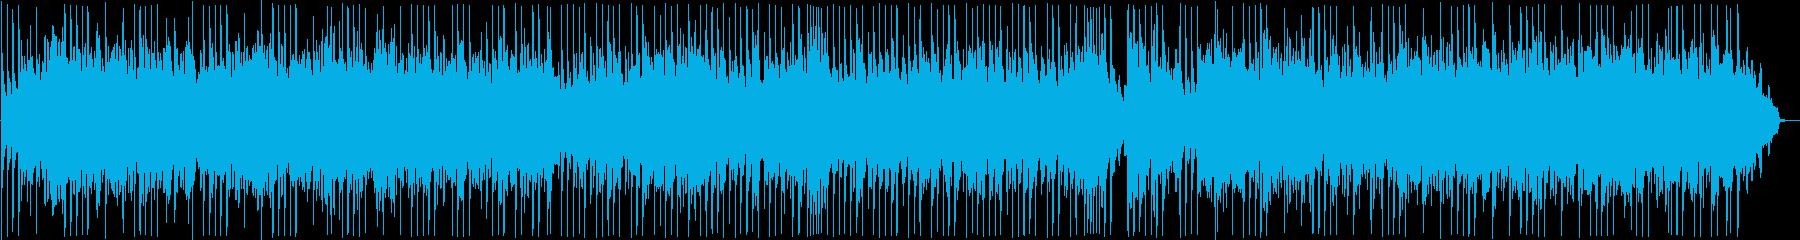 美しき青きドナウ(和風)の再生済みの波形